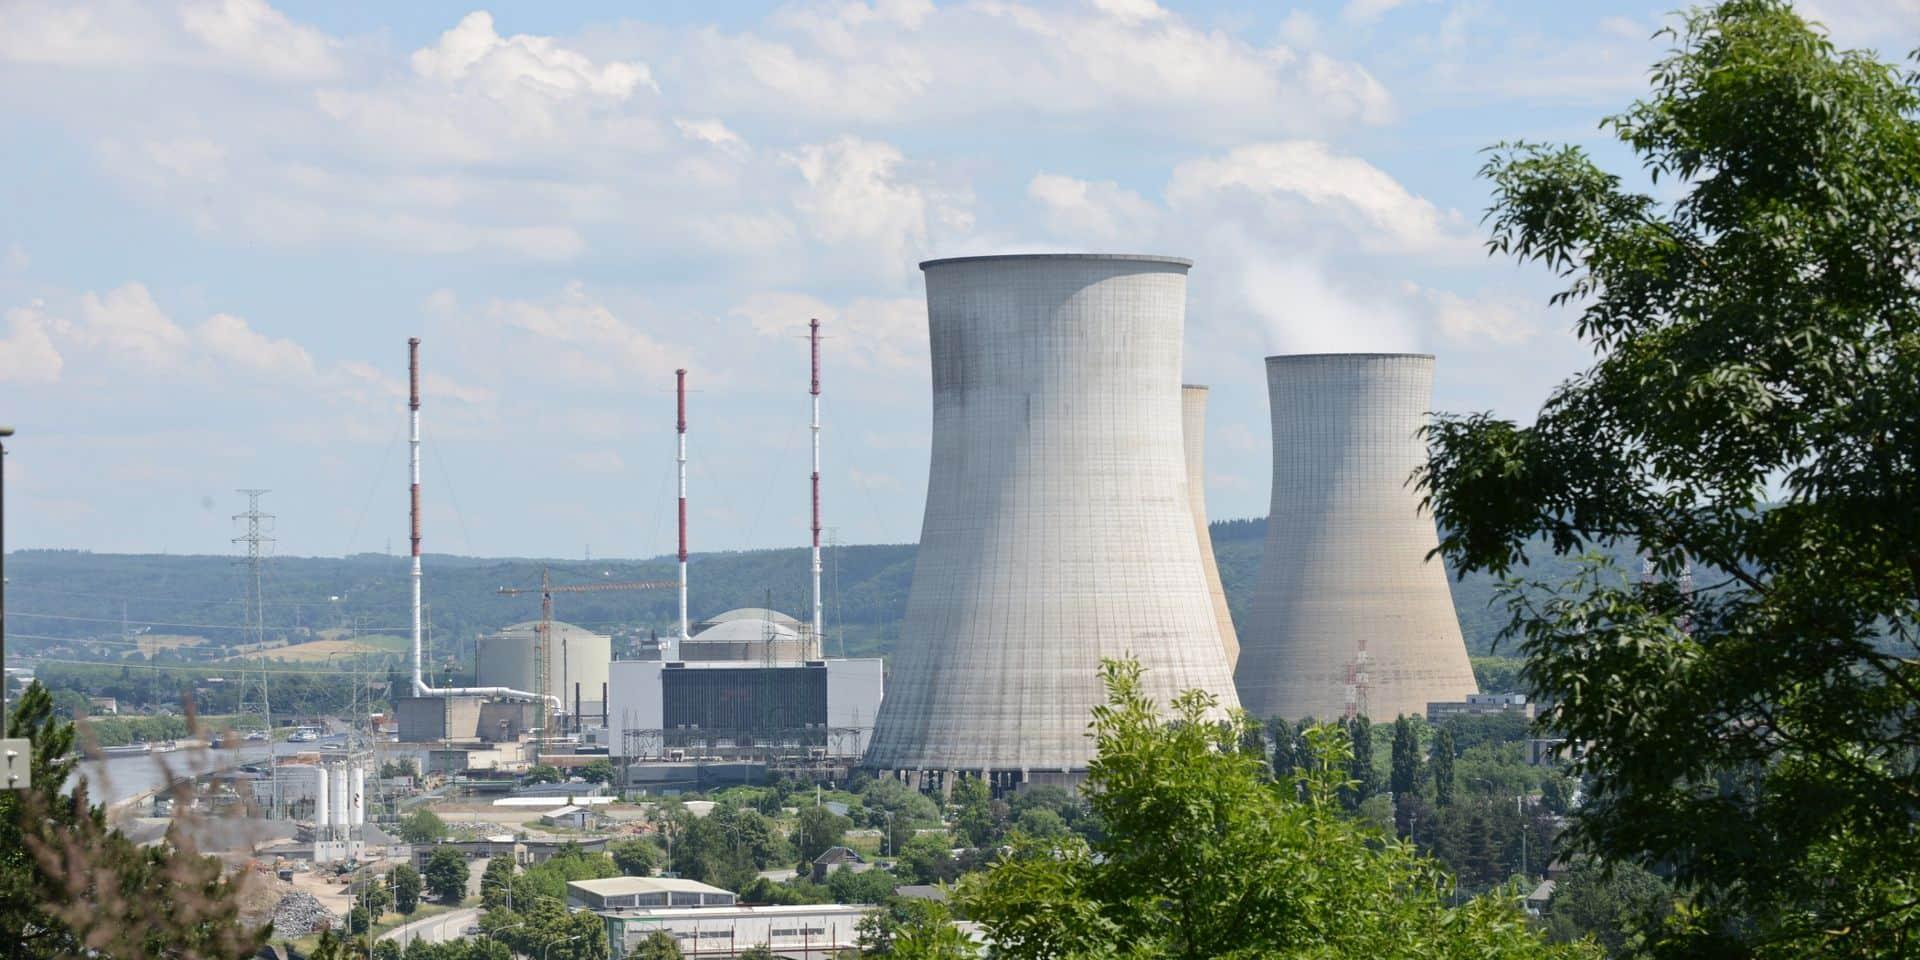 Edito: trancher sur le nucléaire, et mettre fin à l'absurdie